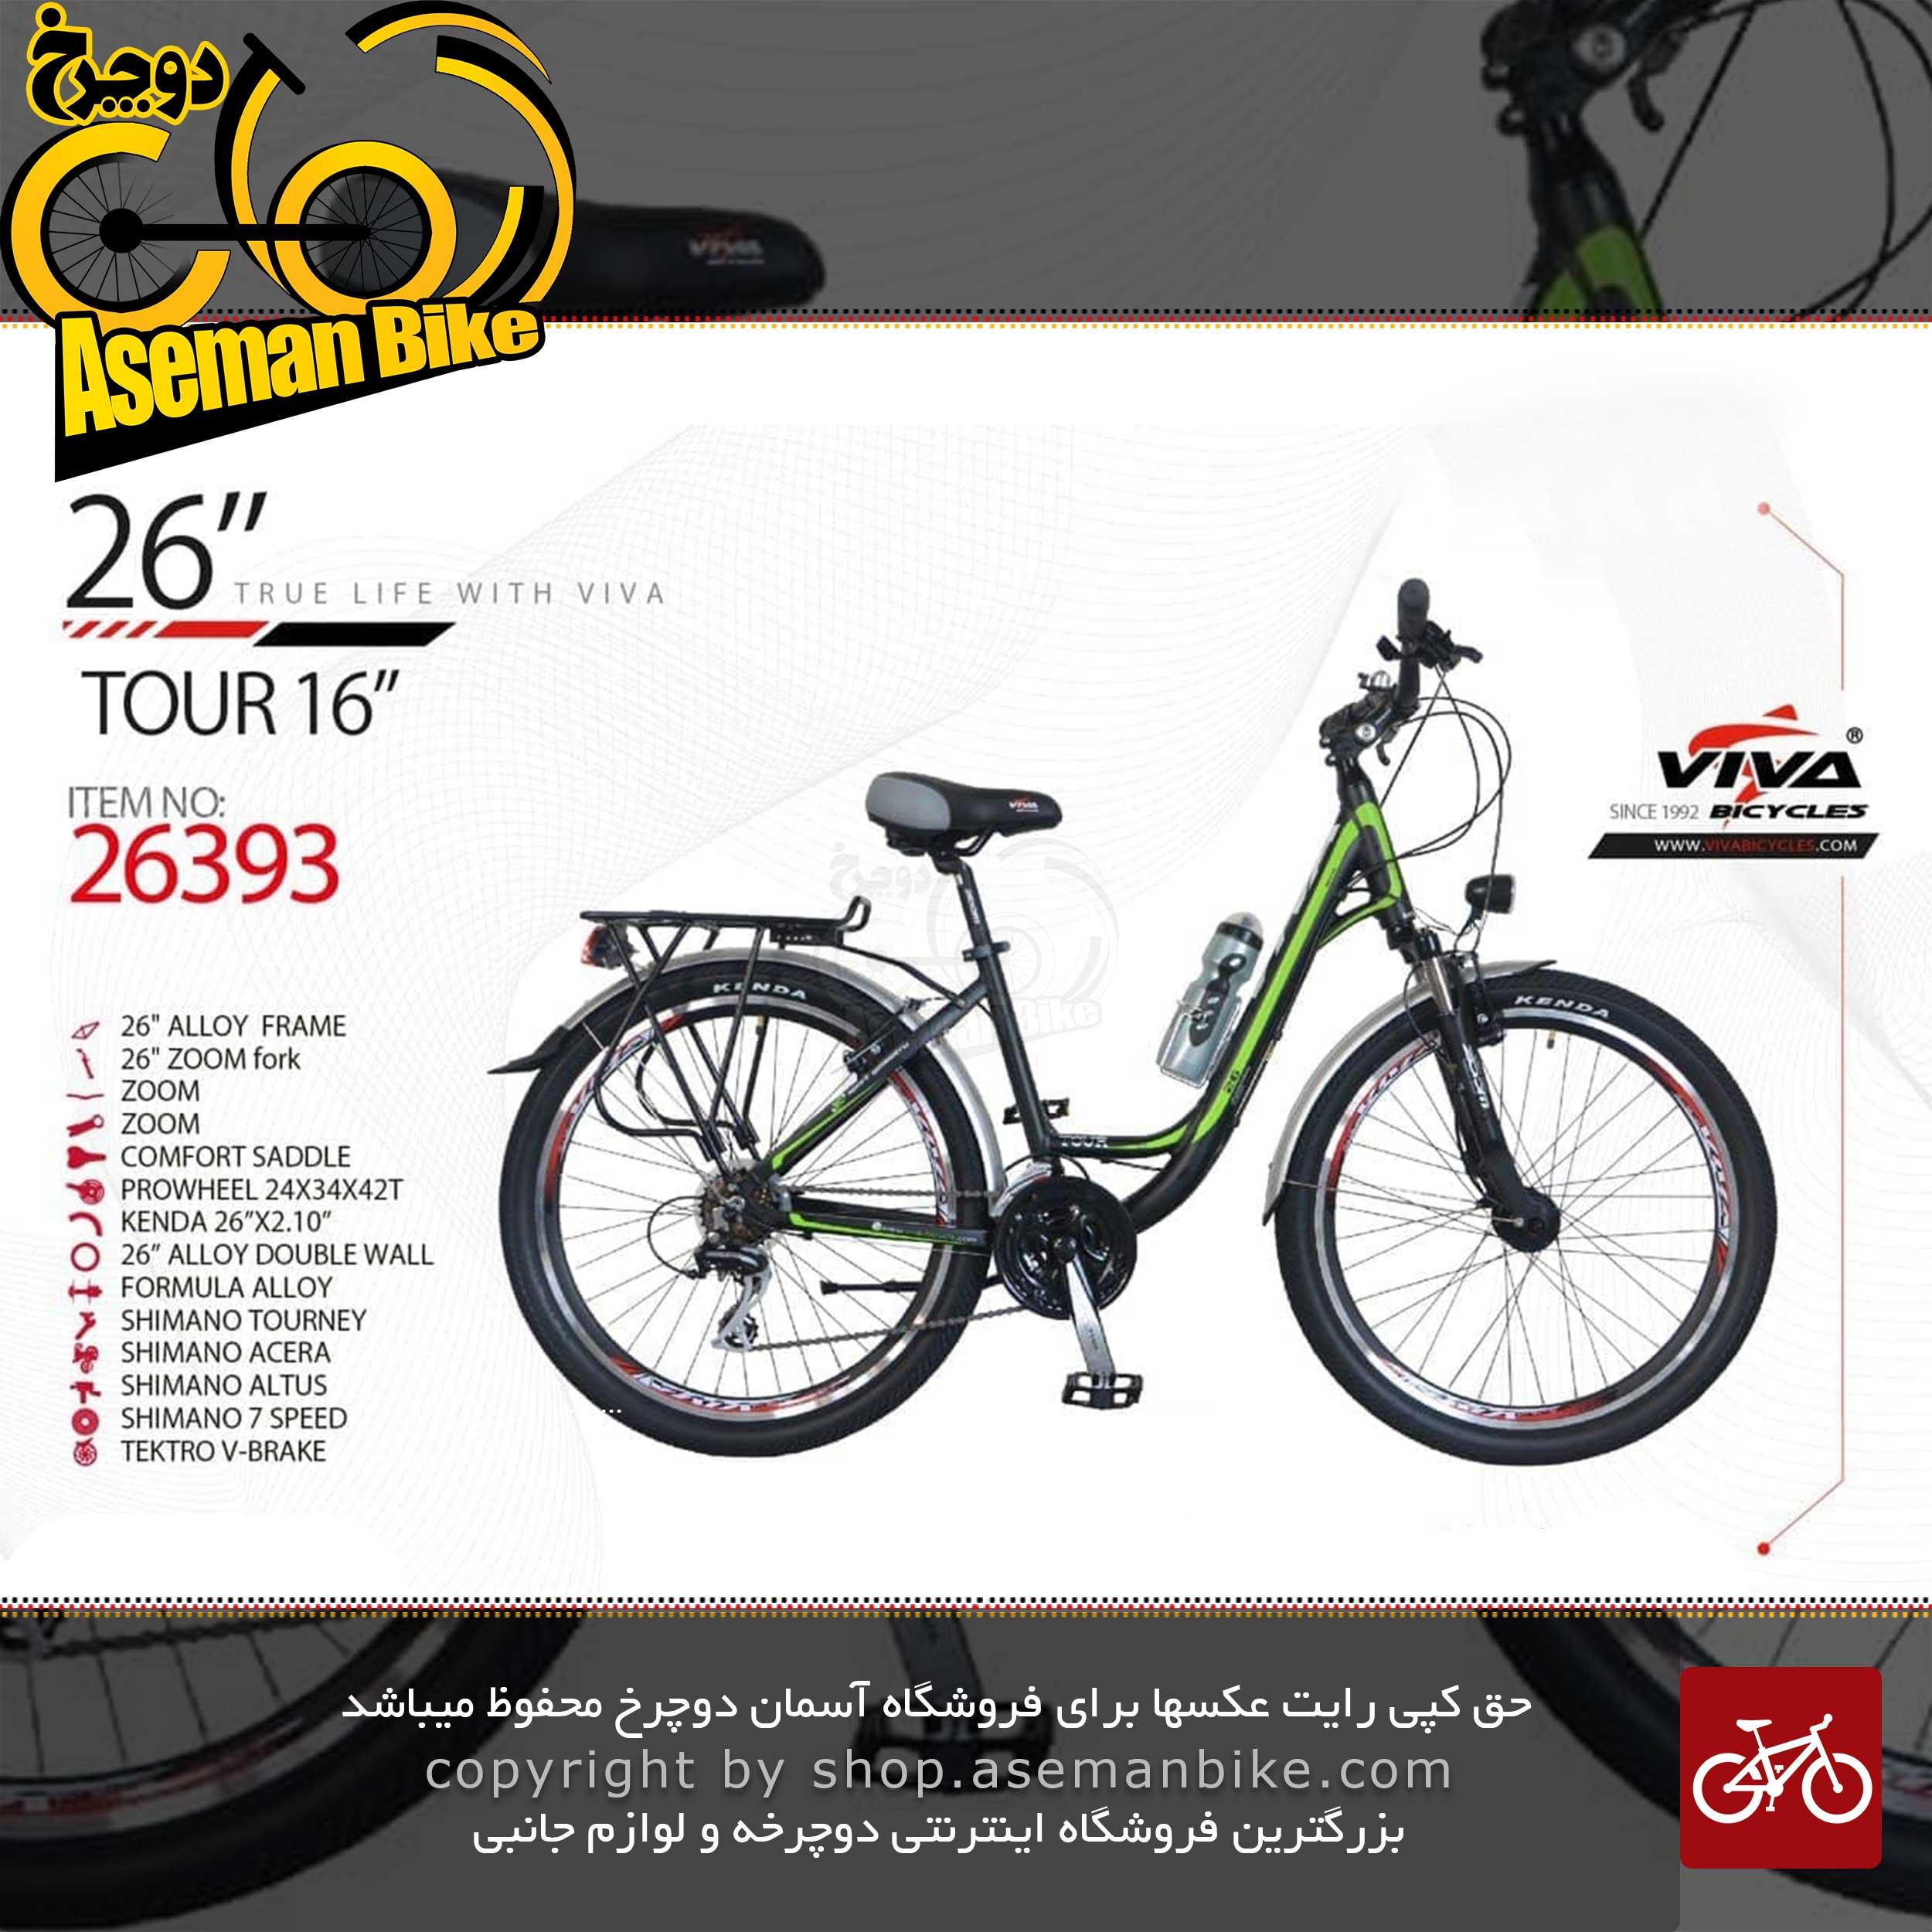 دوچرخه ویوا تور 16 سایز 26 Viva BICYCLE TOUR Size 26